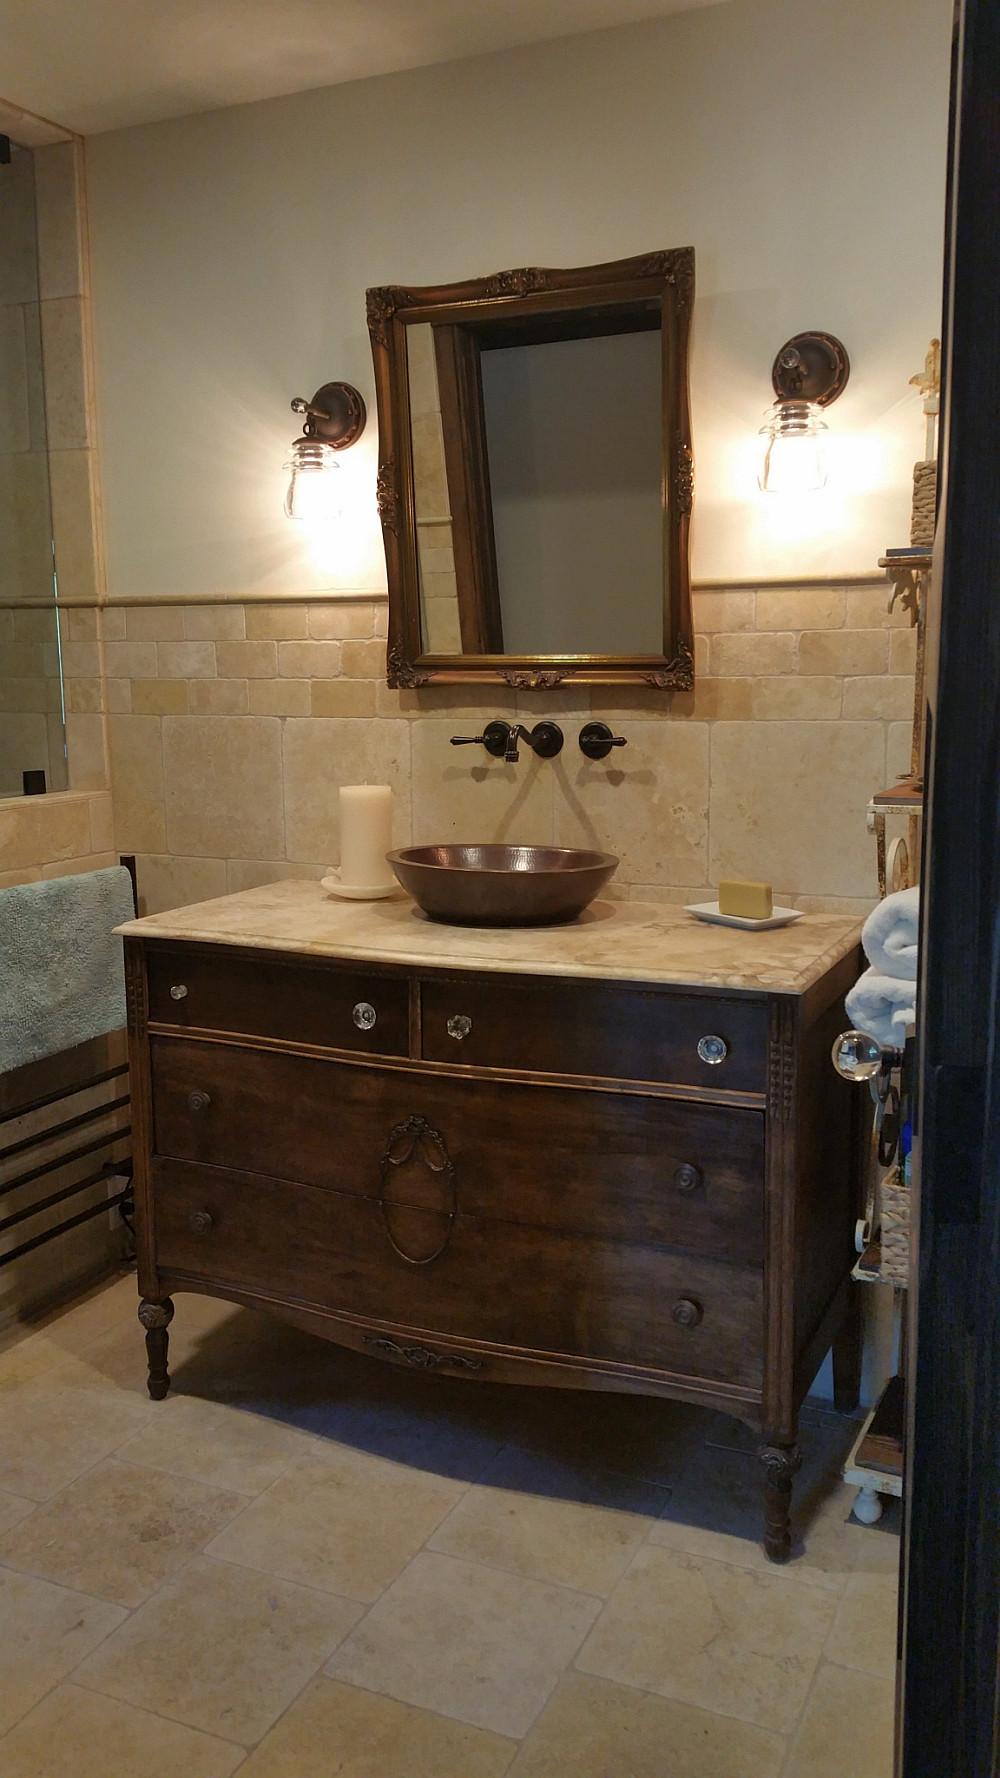 Antique furniture - hammered copper vessel sink